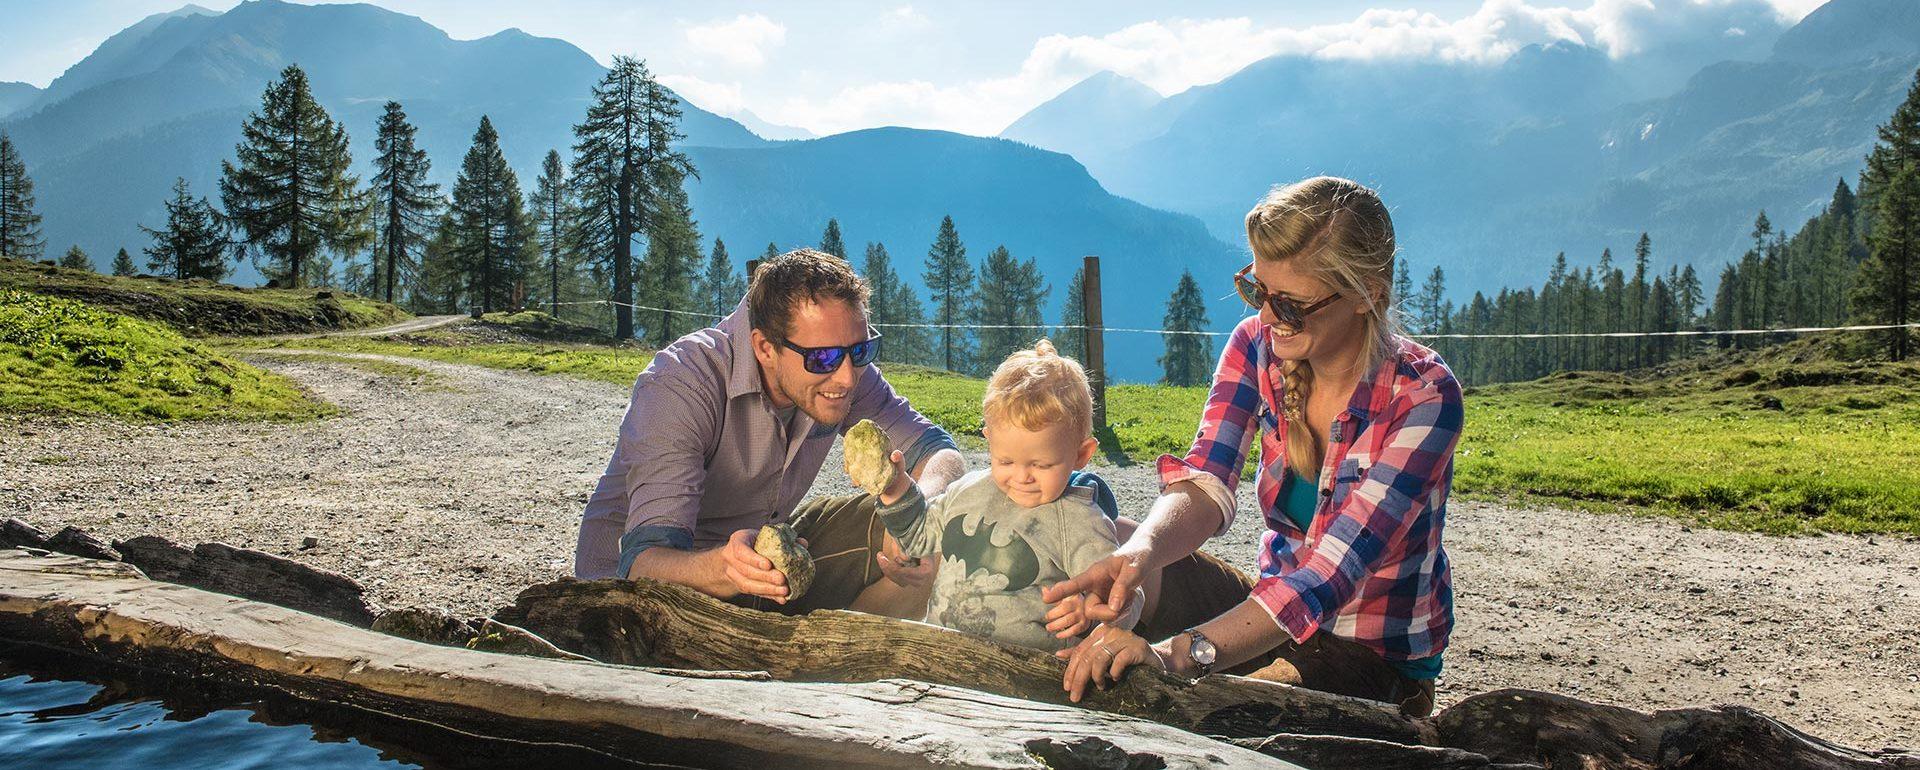 Familienurlaub in Zauchensee